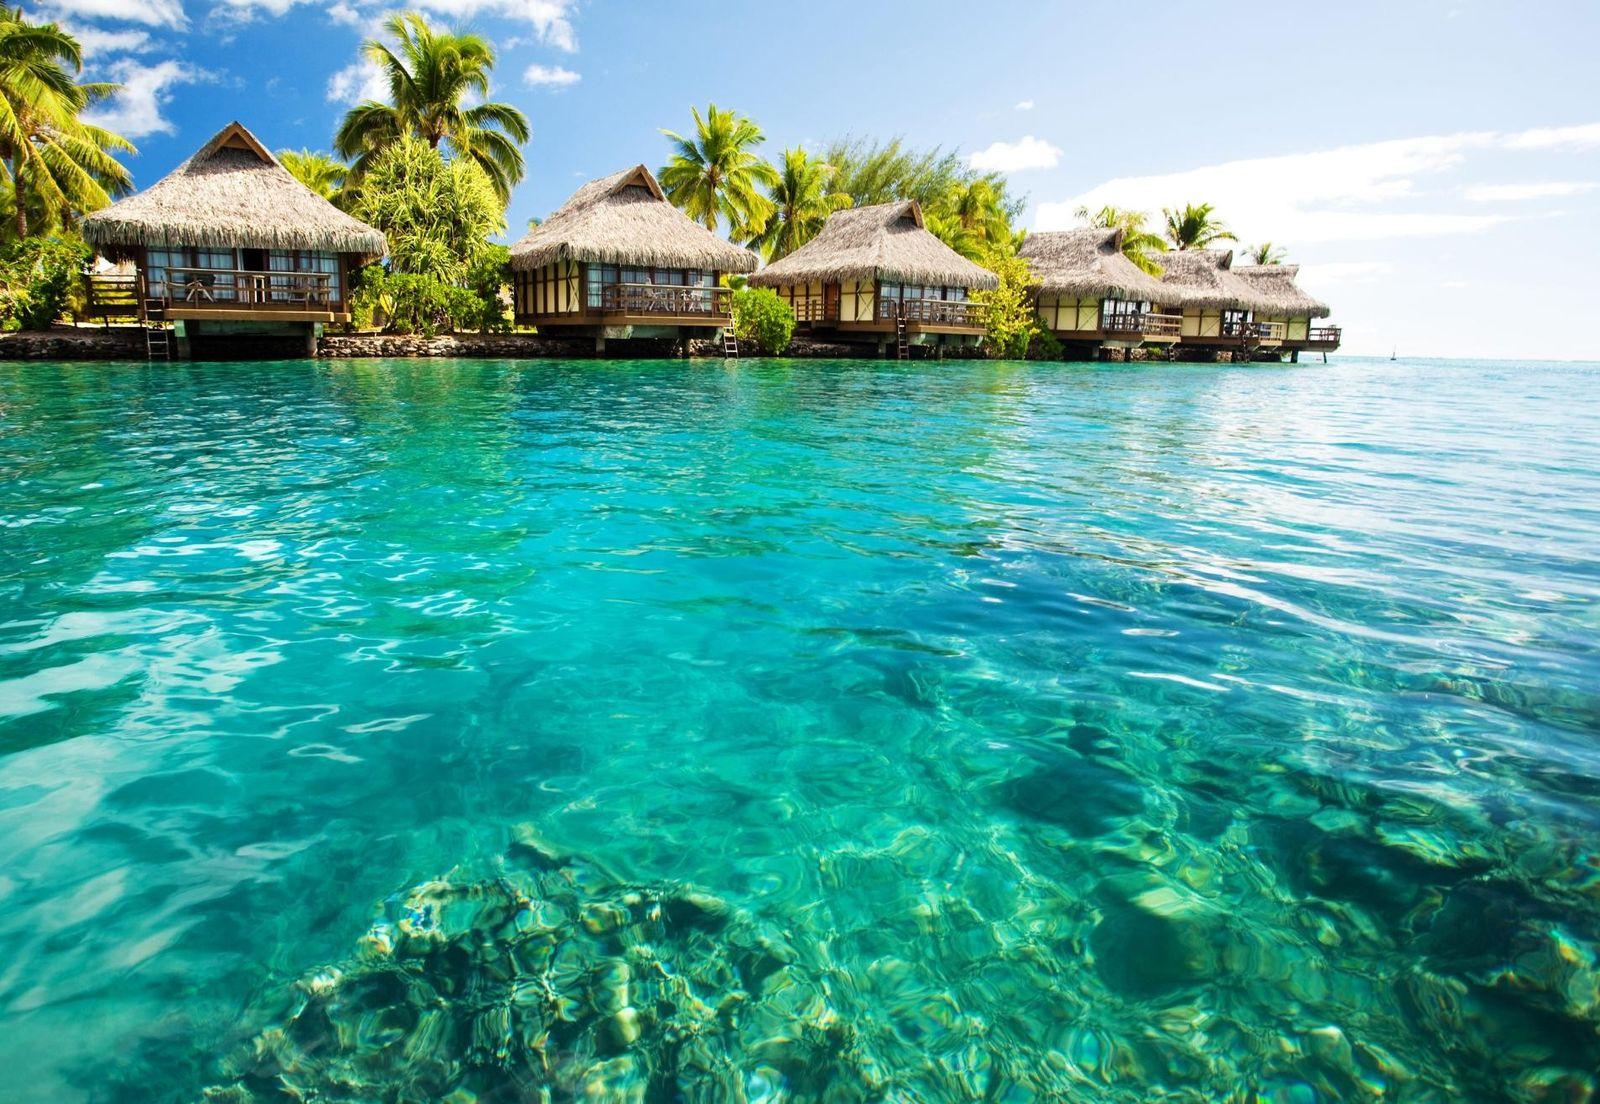 Les bungalows sur pilotis sont installés au-dessus d'un lagon vert aux Maldives.